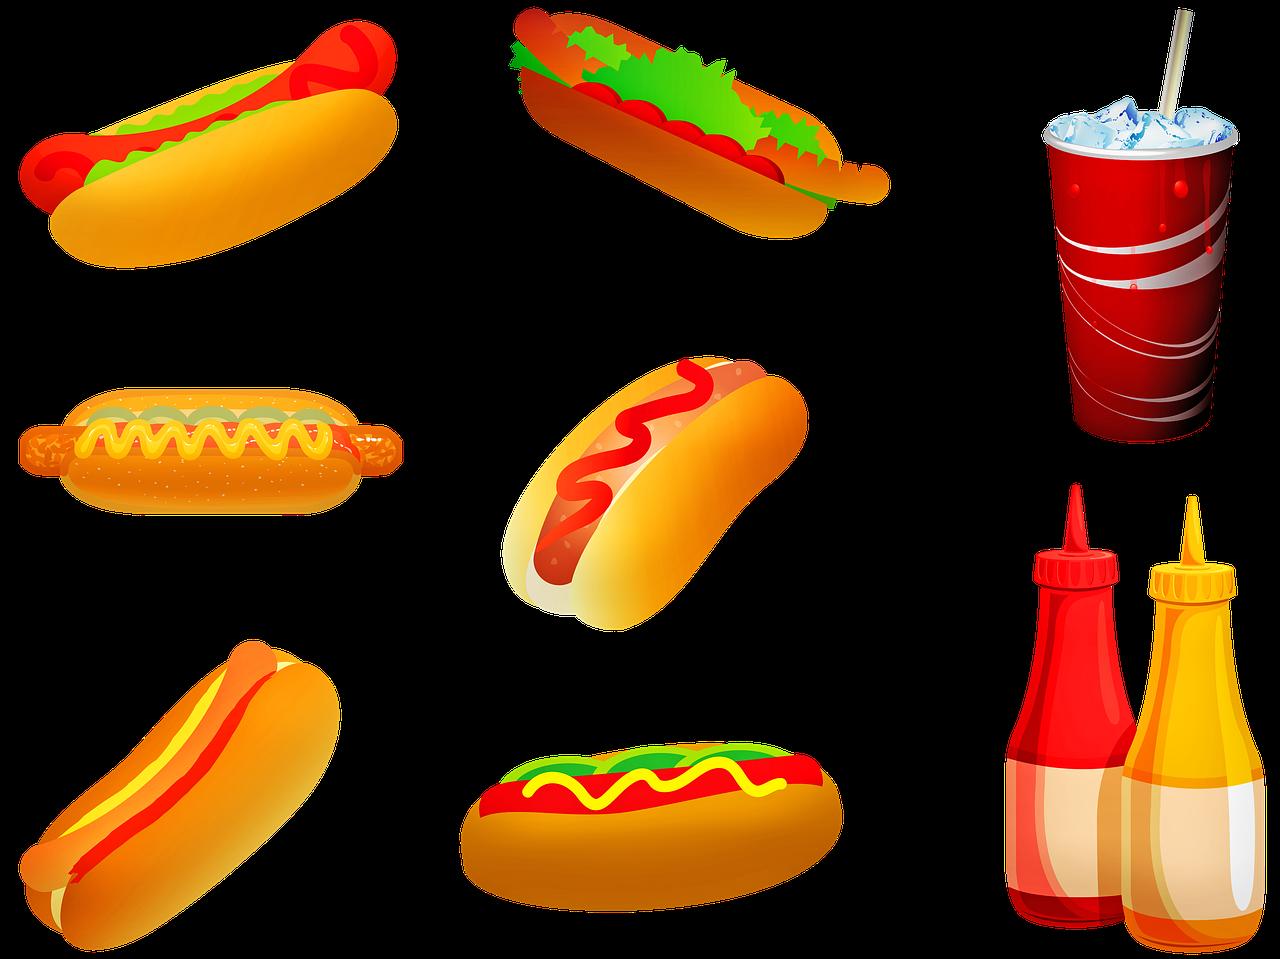 Přejídání - nezdravá strava z fast foodu